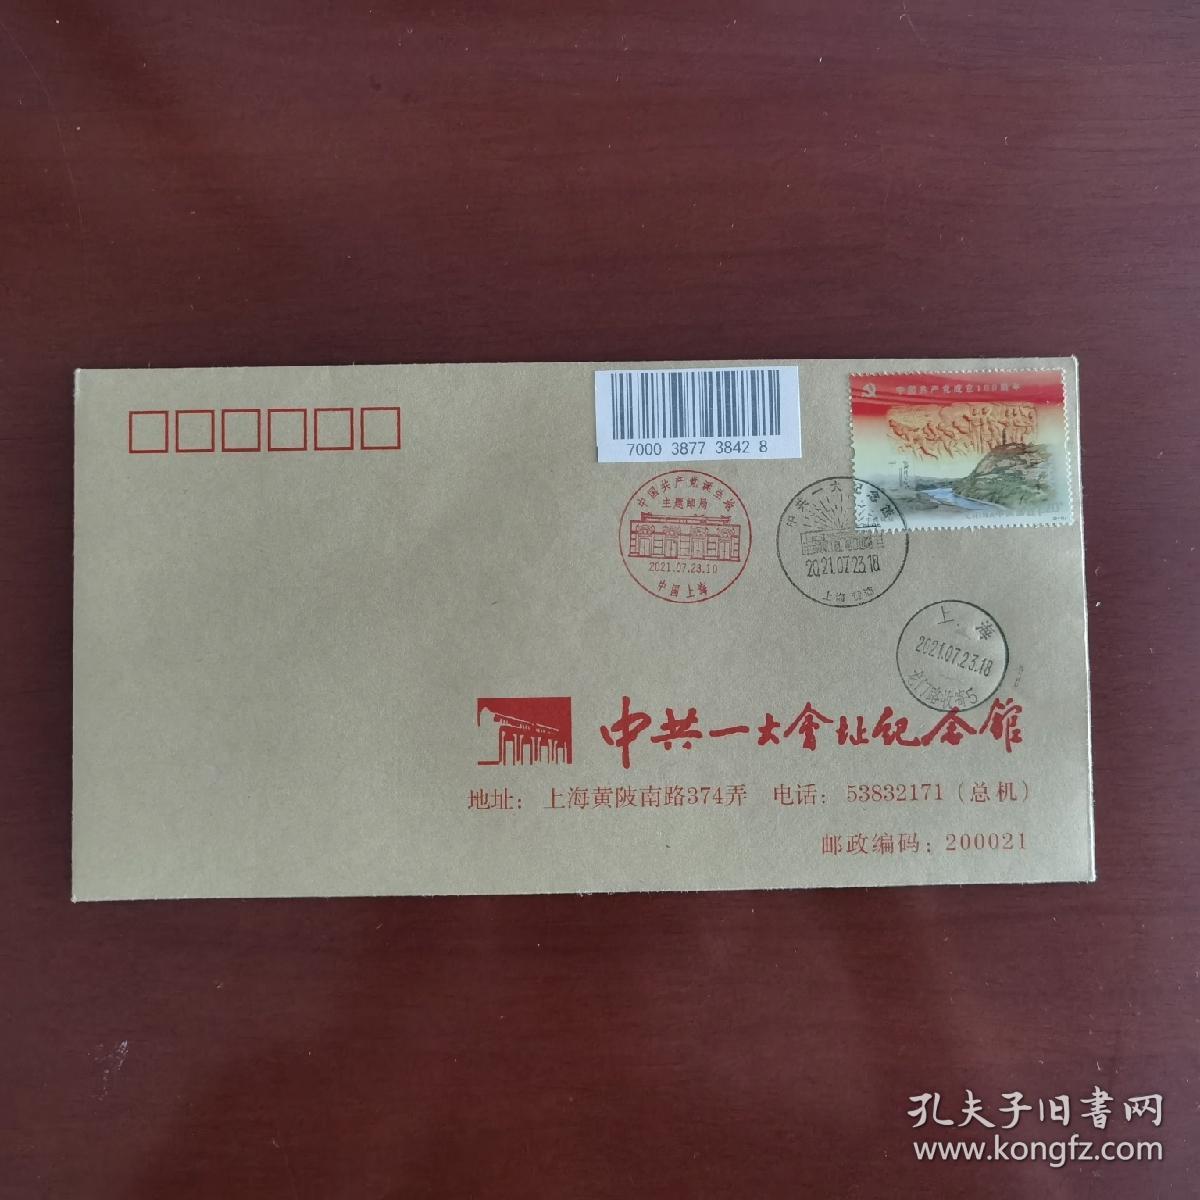 中共一大会址纪念馆公函封,2021年七一首日原地纪念封,加盖主题邮局邮戳、纪念戳、原地上海龙门路邮局邮戳,落地戳清晰。